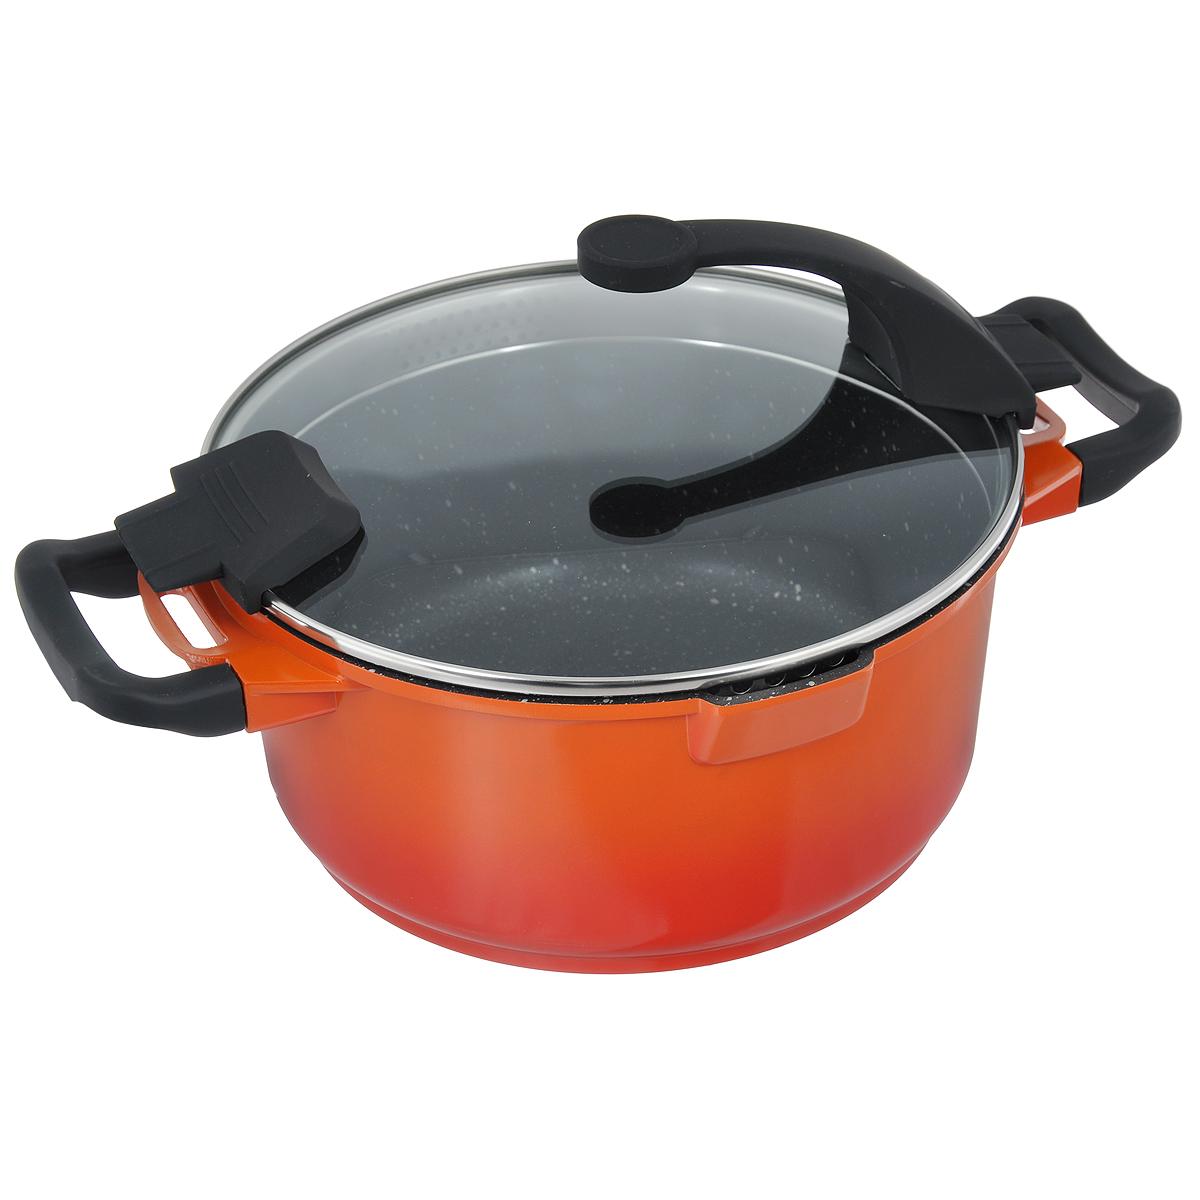 Кастрюля BergHOFF Virgo Orange с крышкой, с антипригарным покрытием, цвет: оранжево-красный, 4,6 л2304902Кастрюля BergHOFF Virgo изготовлена из литого алюминия, который имеет эффект чугунной посуды. В отличие от чугуна, посуда из алюминия легче по весу и быстро нагревается, что гарантирует сбережение энергии. Внутреннее покрытие - экологически безопасное антипригарное покрытие Ferno Green, которое не содержит ни свинца, ни кадмия. Антипригарные свойства посуды позволяют готовить без жира и подсолнечного масла или с его малым количеством. Ручки выполнены из бакелита с покрытием Soft-touch, они имеют комфортную эргономичную форму и не нагреваются в процессе эксплуатации. Крышка изготовлена из термостойкого стекла, благодаря чему можно наблюдать за ингредиентами в процессе приготовления. Широкий металлический обод со специальными отверстиями разного диаметра позволяет выливать жидкость, не снимая крышку. Подходит для всех типов плит, включая индукционные. Рекомендуется мыть вручную. Диаметр кастрюли (по верхнему краю): 24 см. Ширина кастрюли (с учетом ручек):...